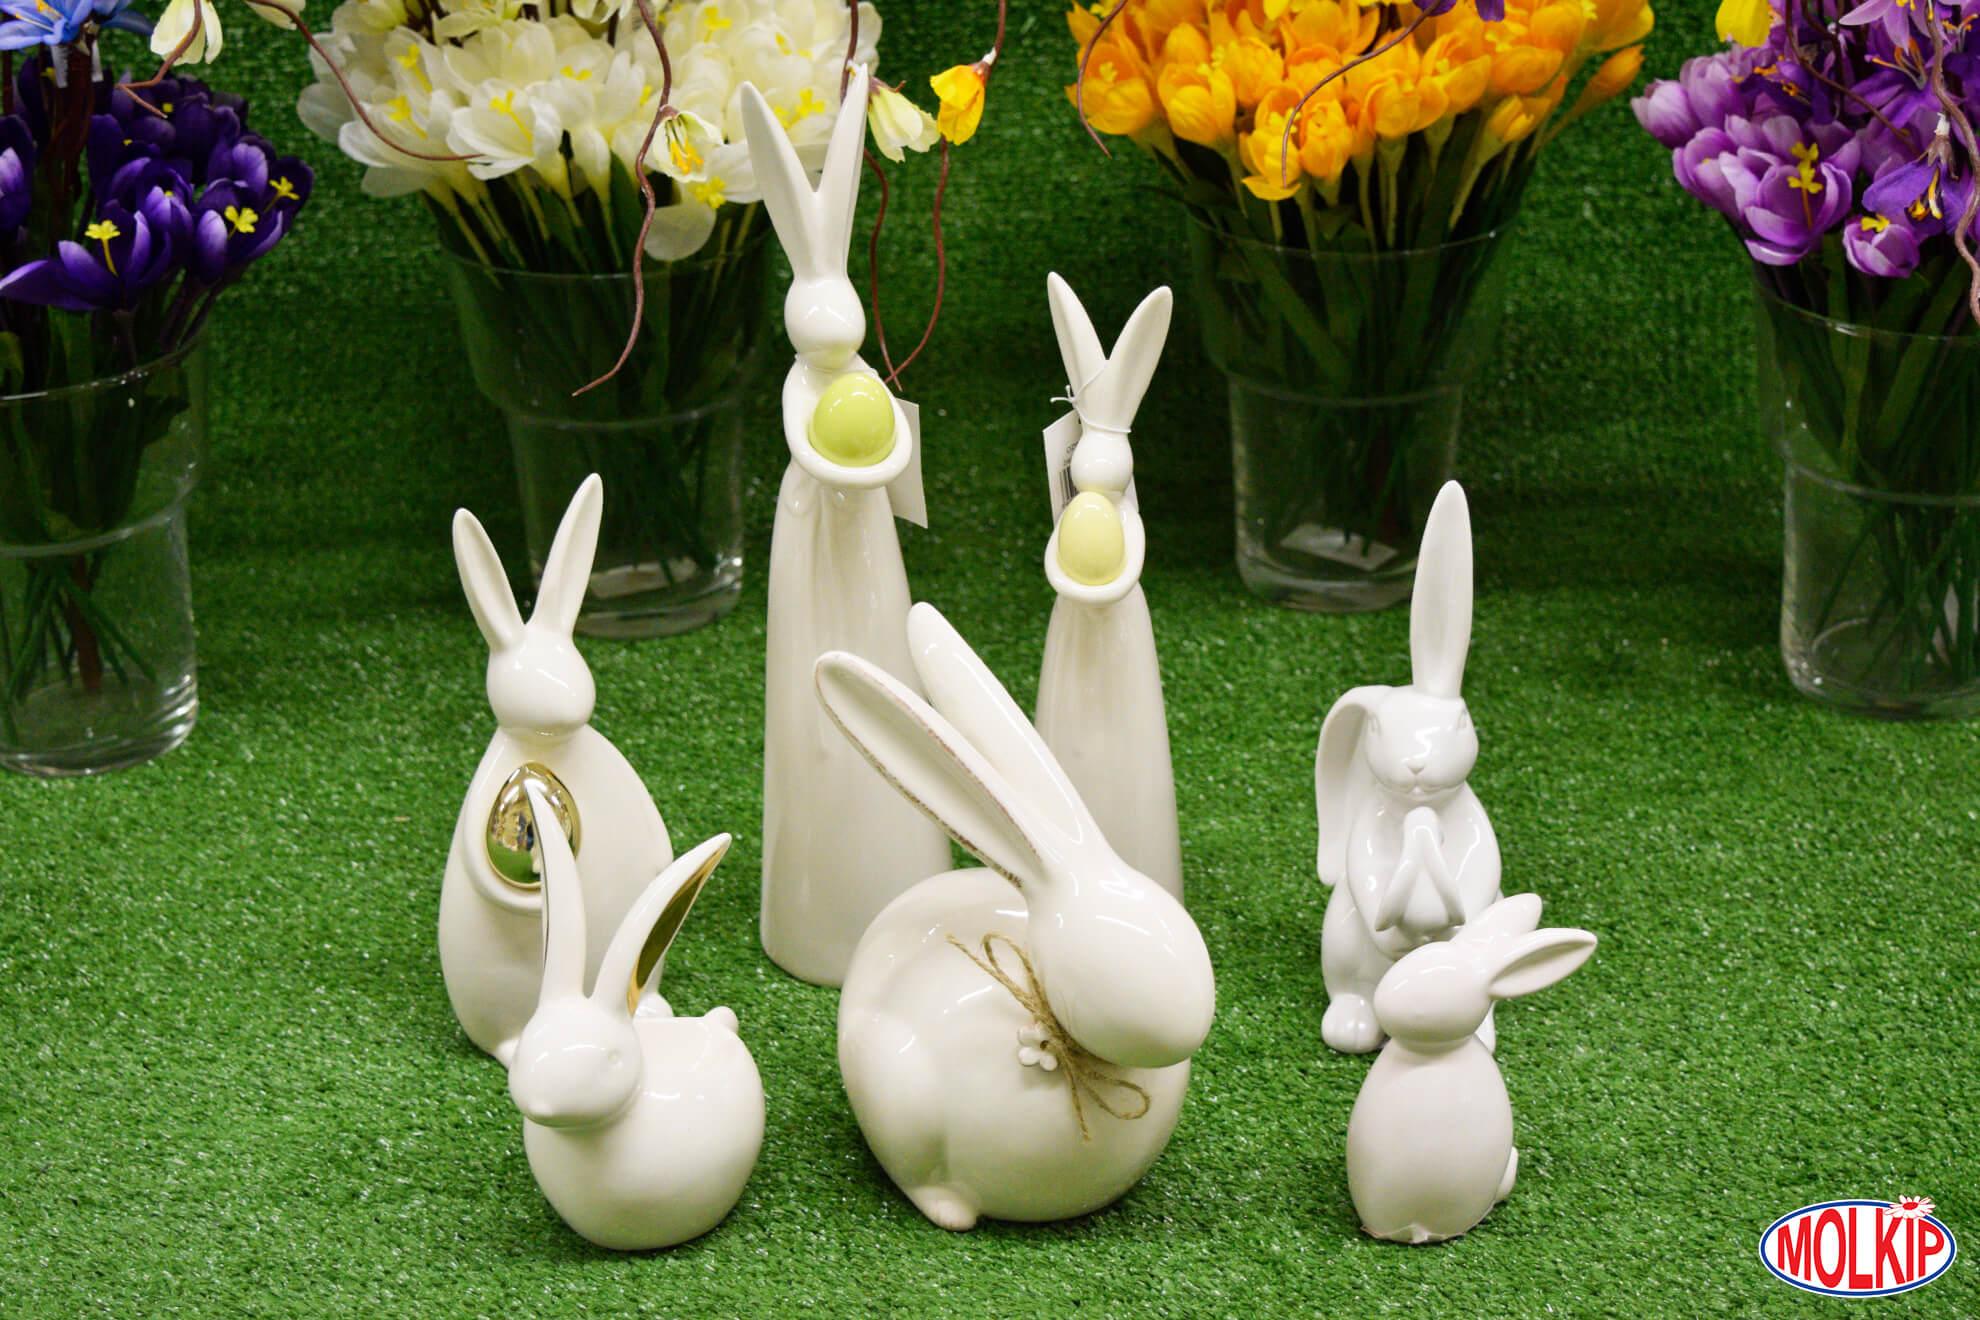 Ozdoby Na święta Wielkanocne Molkip Hurtownia Dekoracji